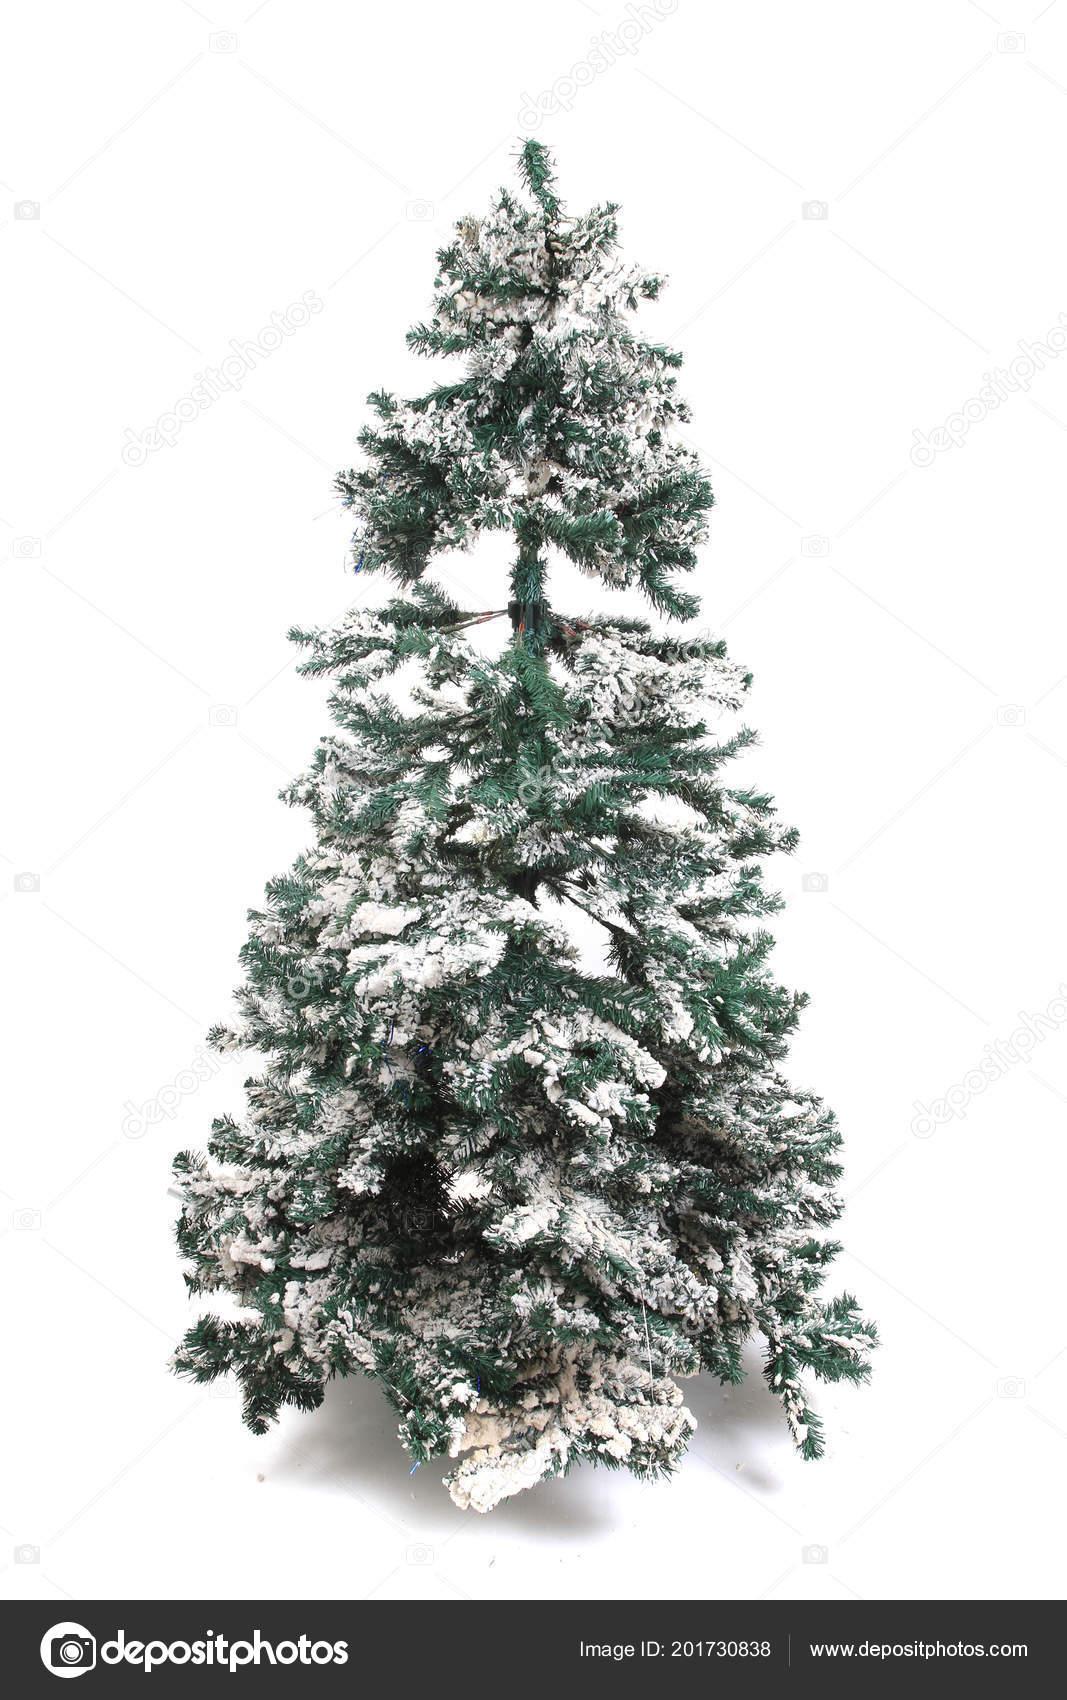 Weihnachtsbaum Kunstoff.Kunststoff Weihnachtsbaum Auf Dem Weißen Hintergrund Isoliert